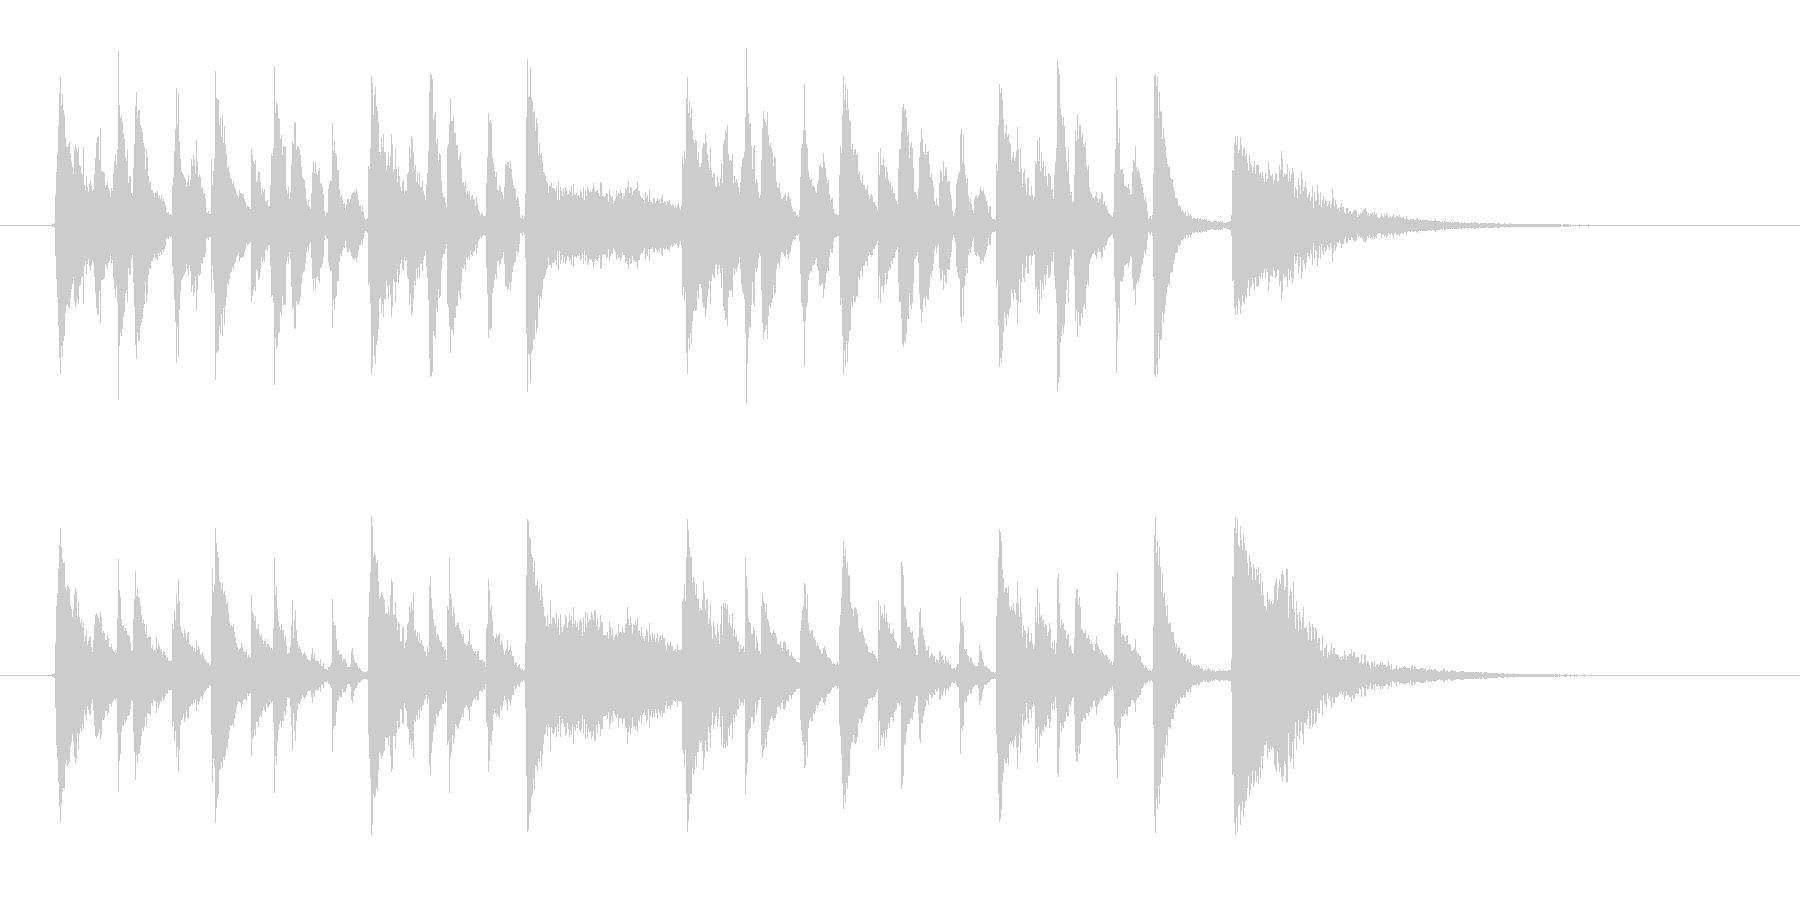 コミカルでポップな金属音ジングルの未再生の波形